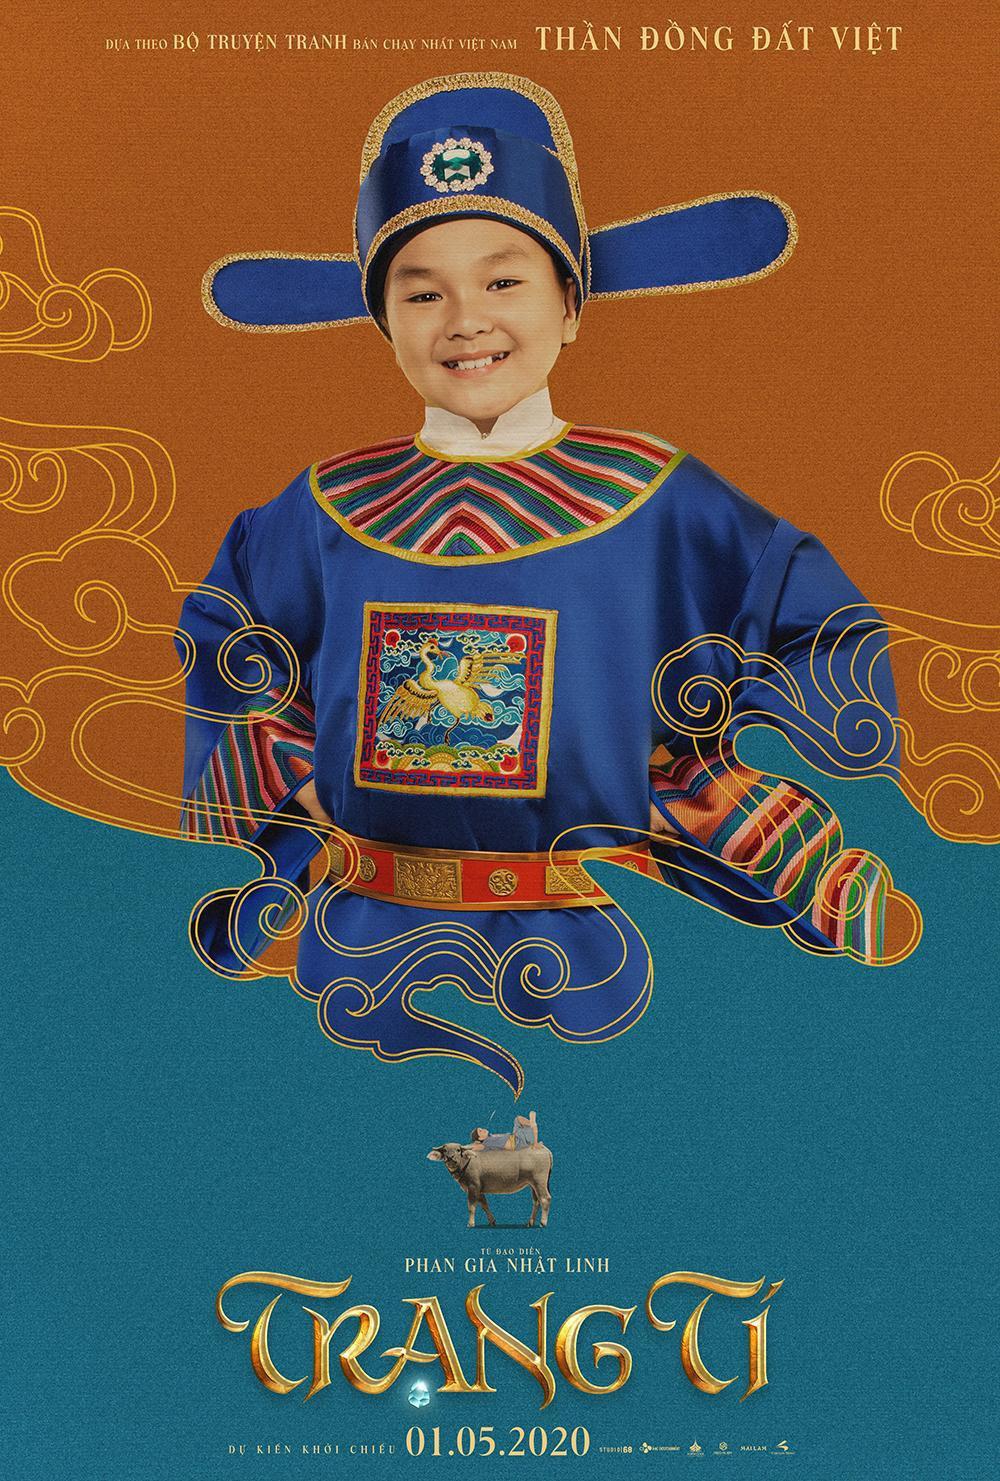 Đạo diễn Phan Gia Nhật Linh lên tiếng về hình ảnh trên áo Trạng Tí gây tranh cãi Ảnh 1